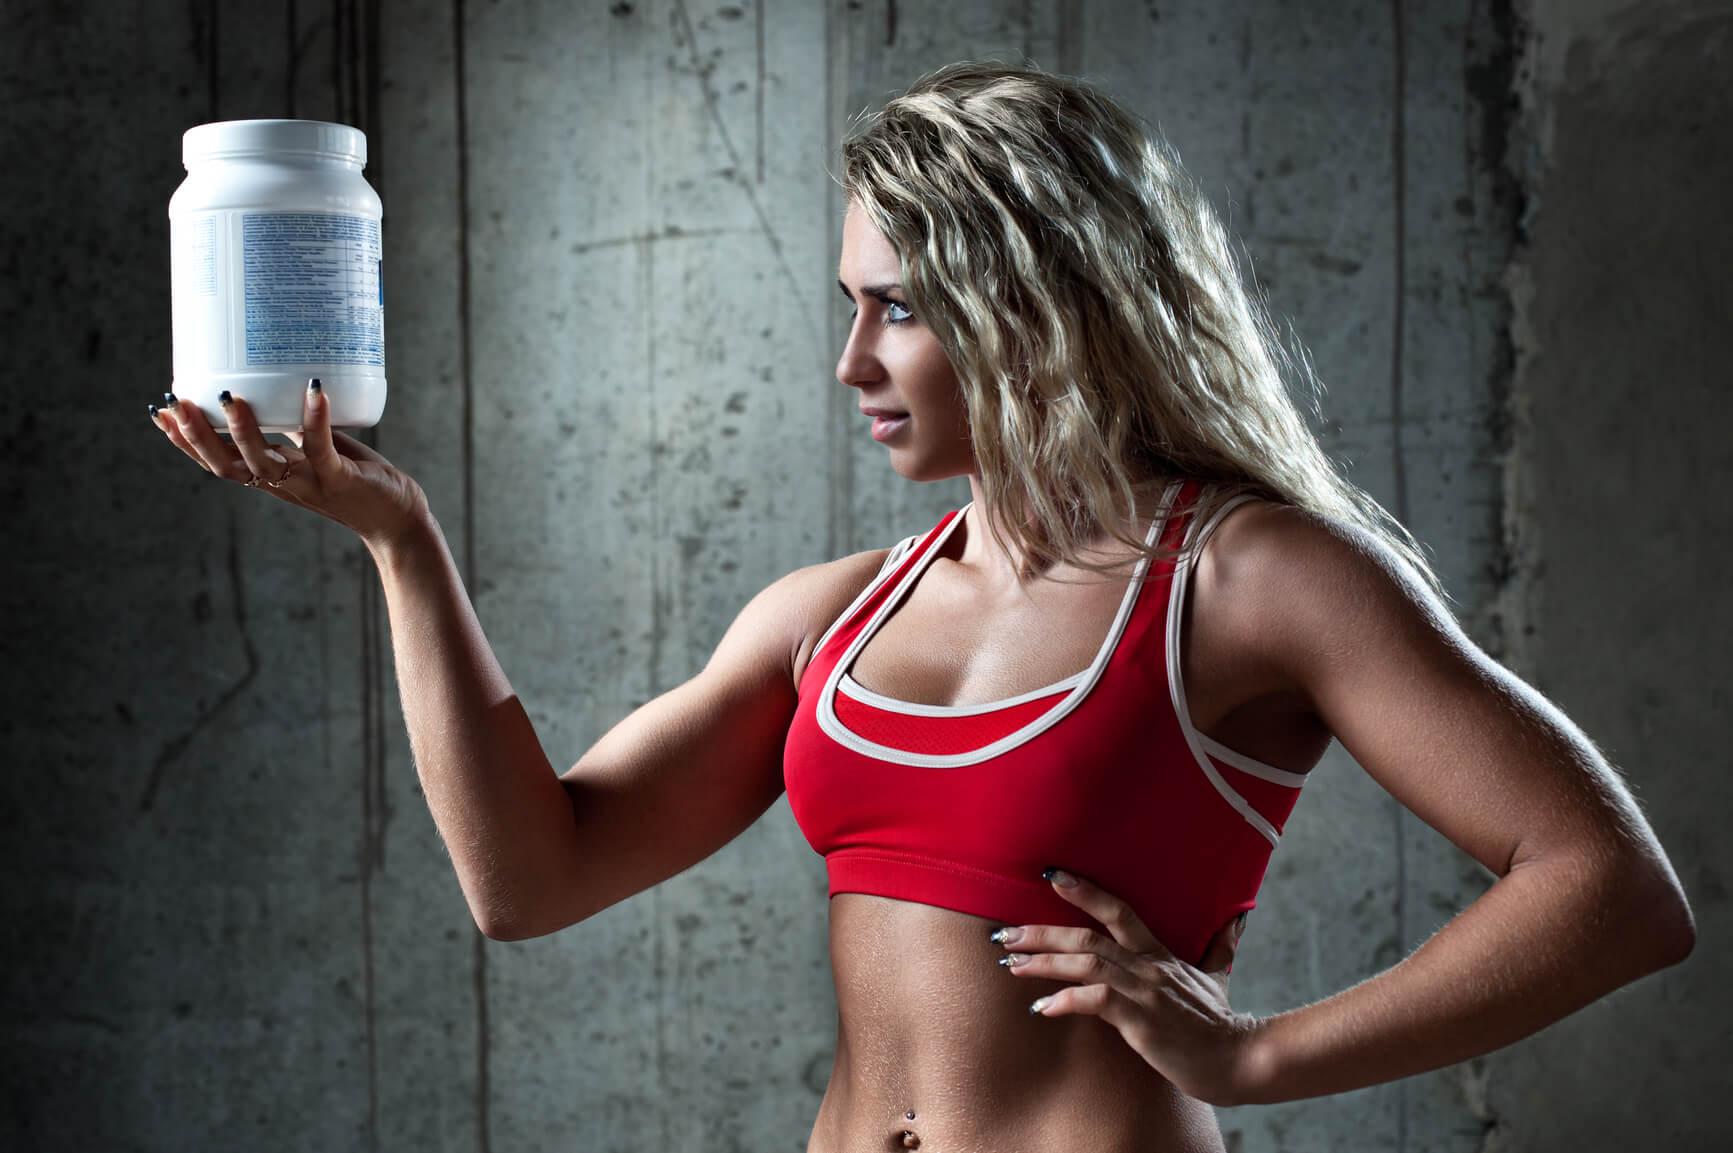 важность правильного спортивного питания при занятиях спортом